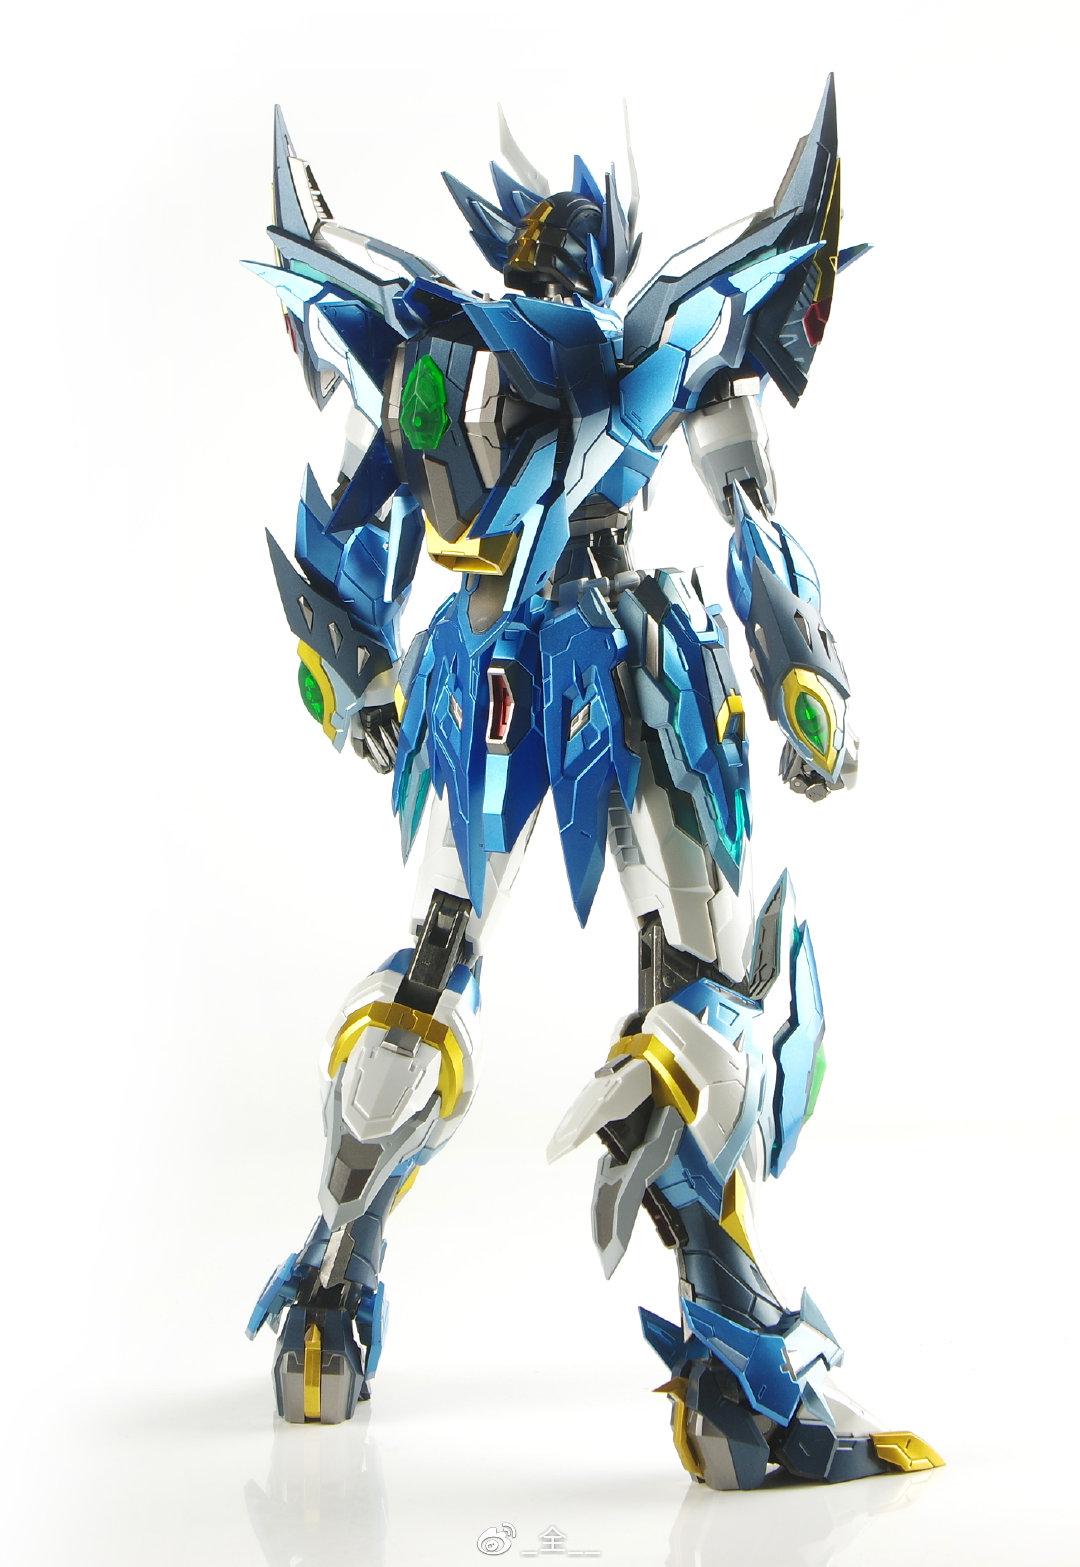 S470_MOTOR_NUCLEAR_MN_Q03_blue_gragon_ao_bing_di_hui_xing_han_long_zi_017.jpg